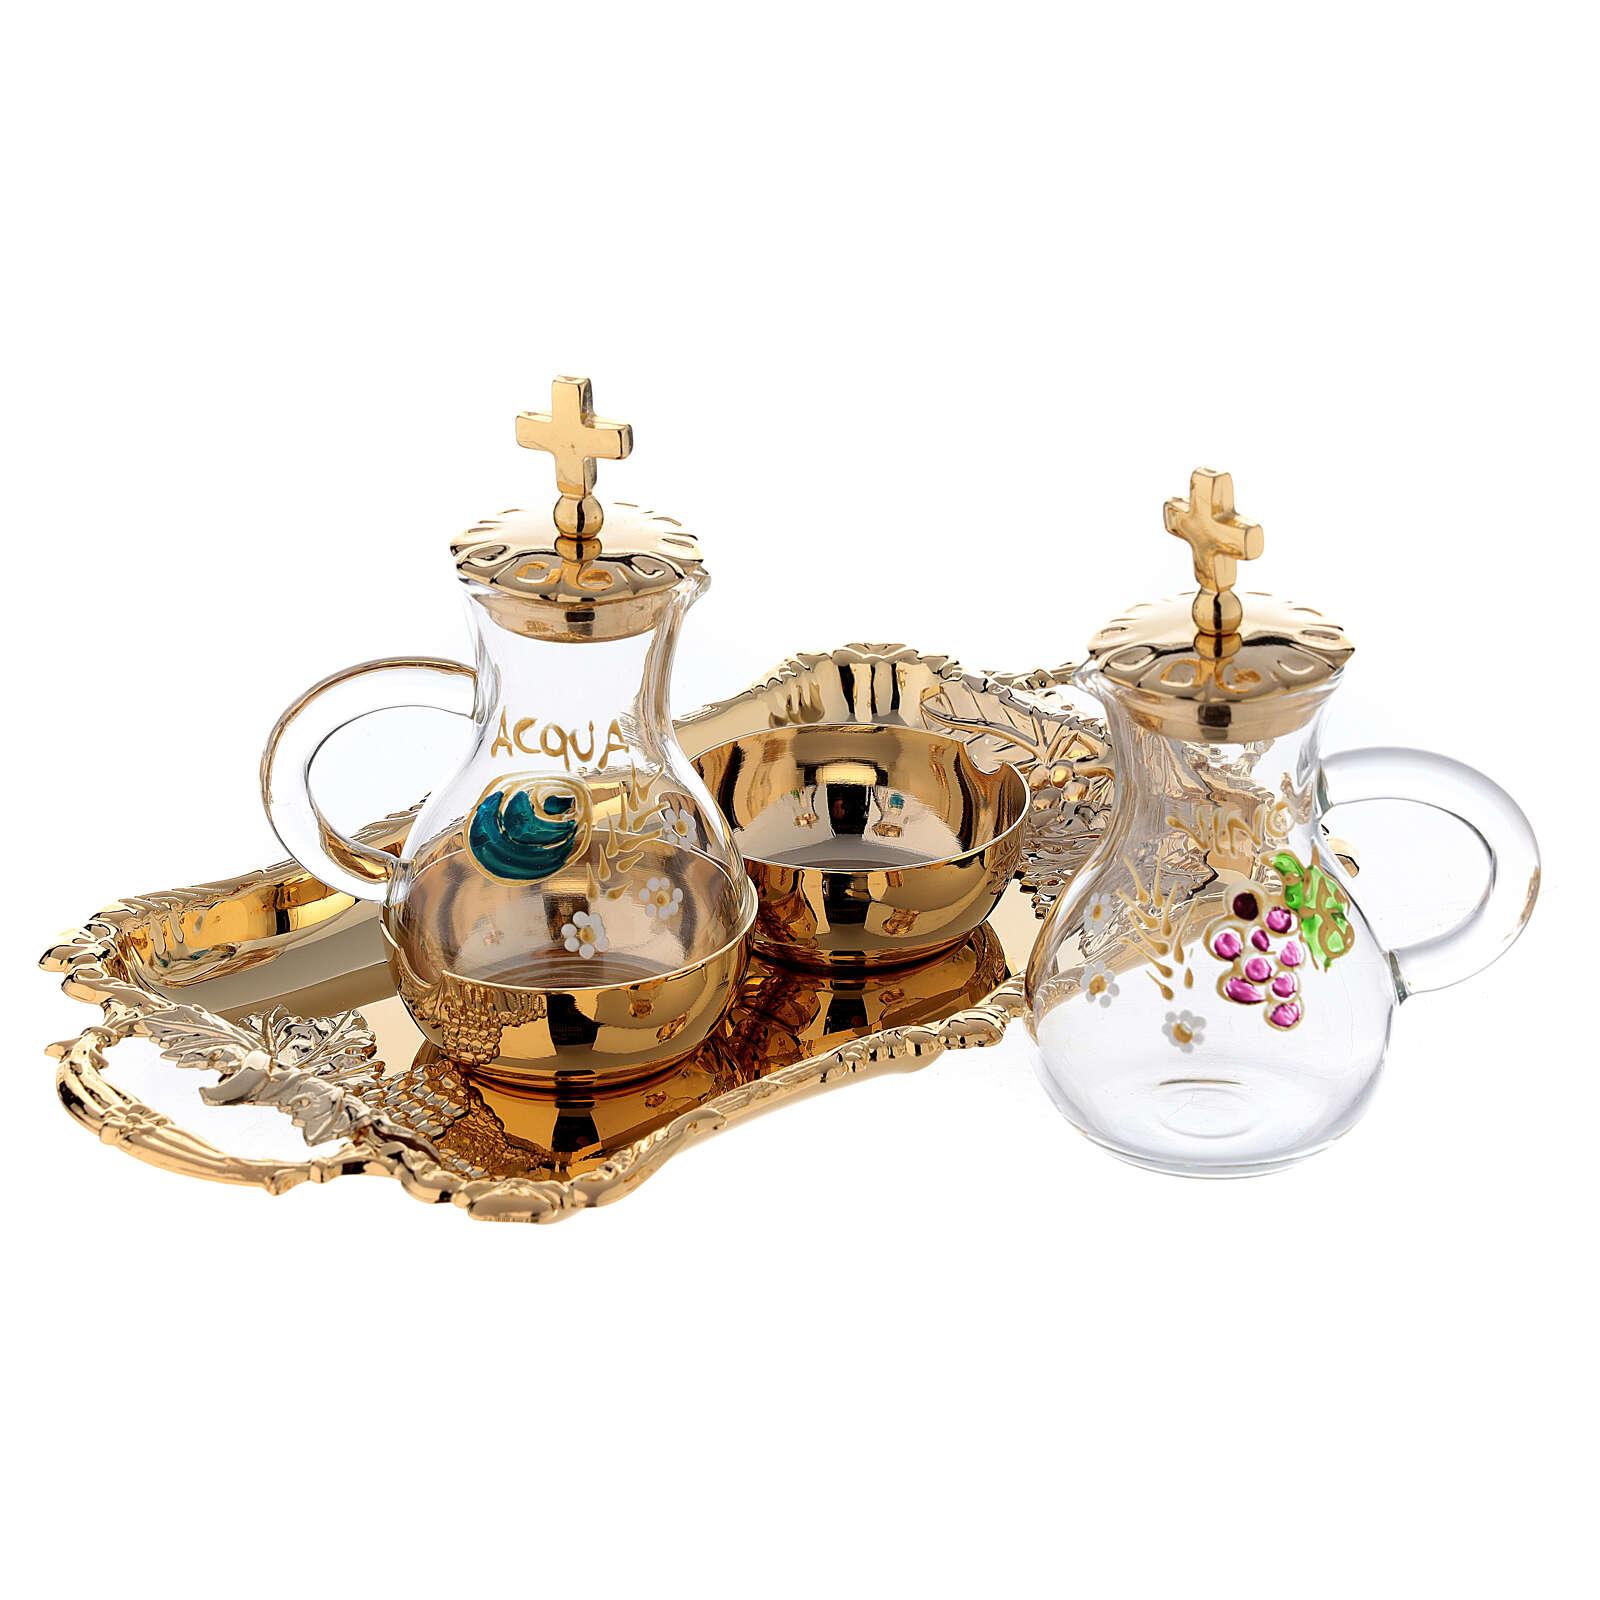 Servicio Vinajeras agua y vino en estilo barroco 4